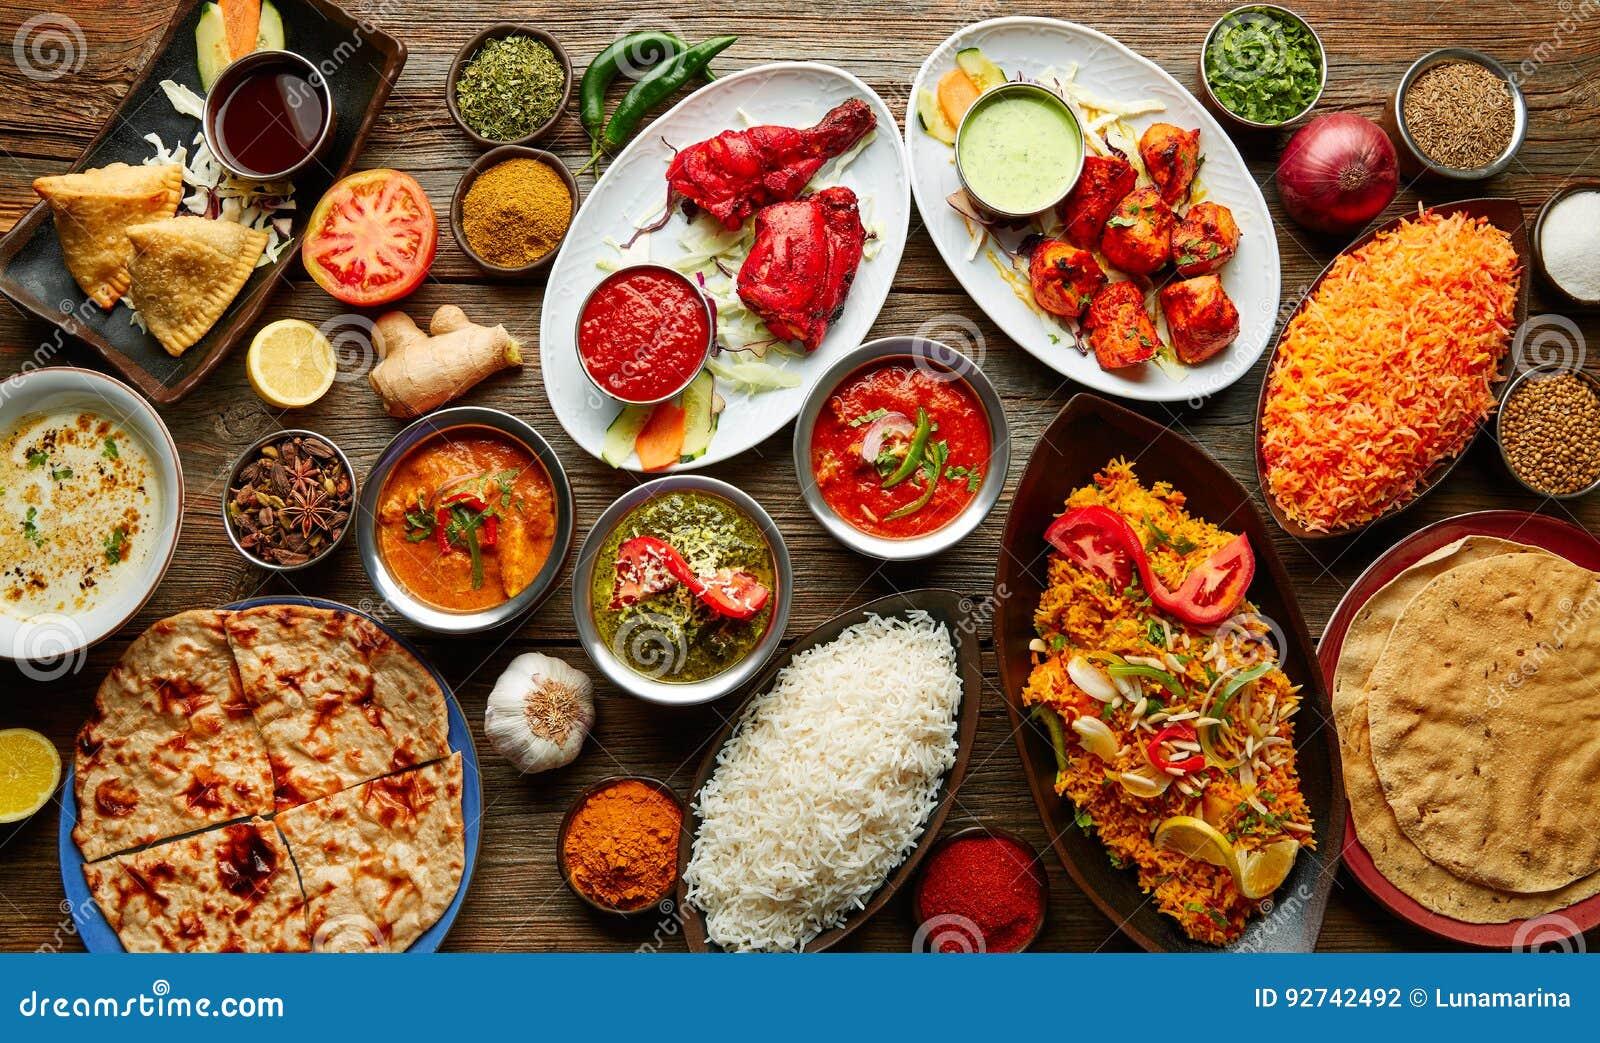 Recetas De Cocina India | Comida India Clasificada De Las Recetas Diversa Foto De Archivo